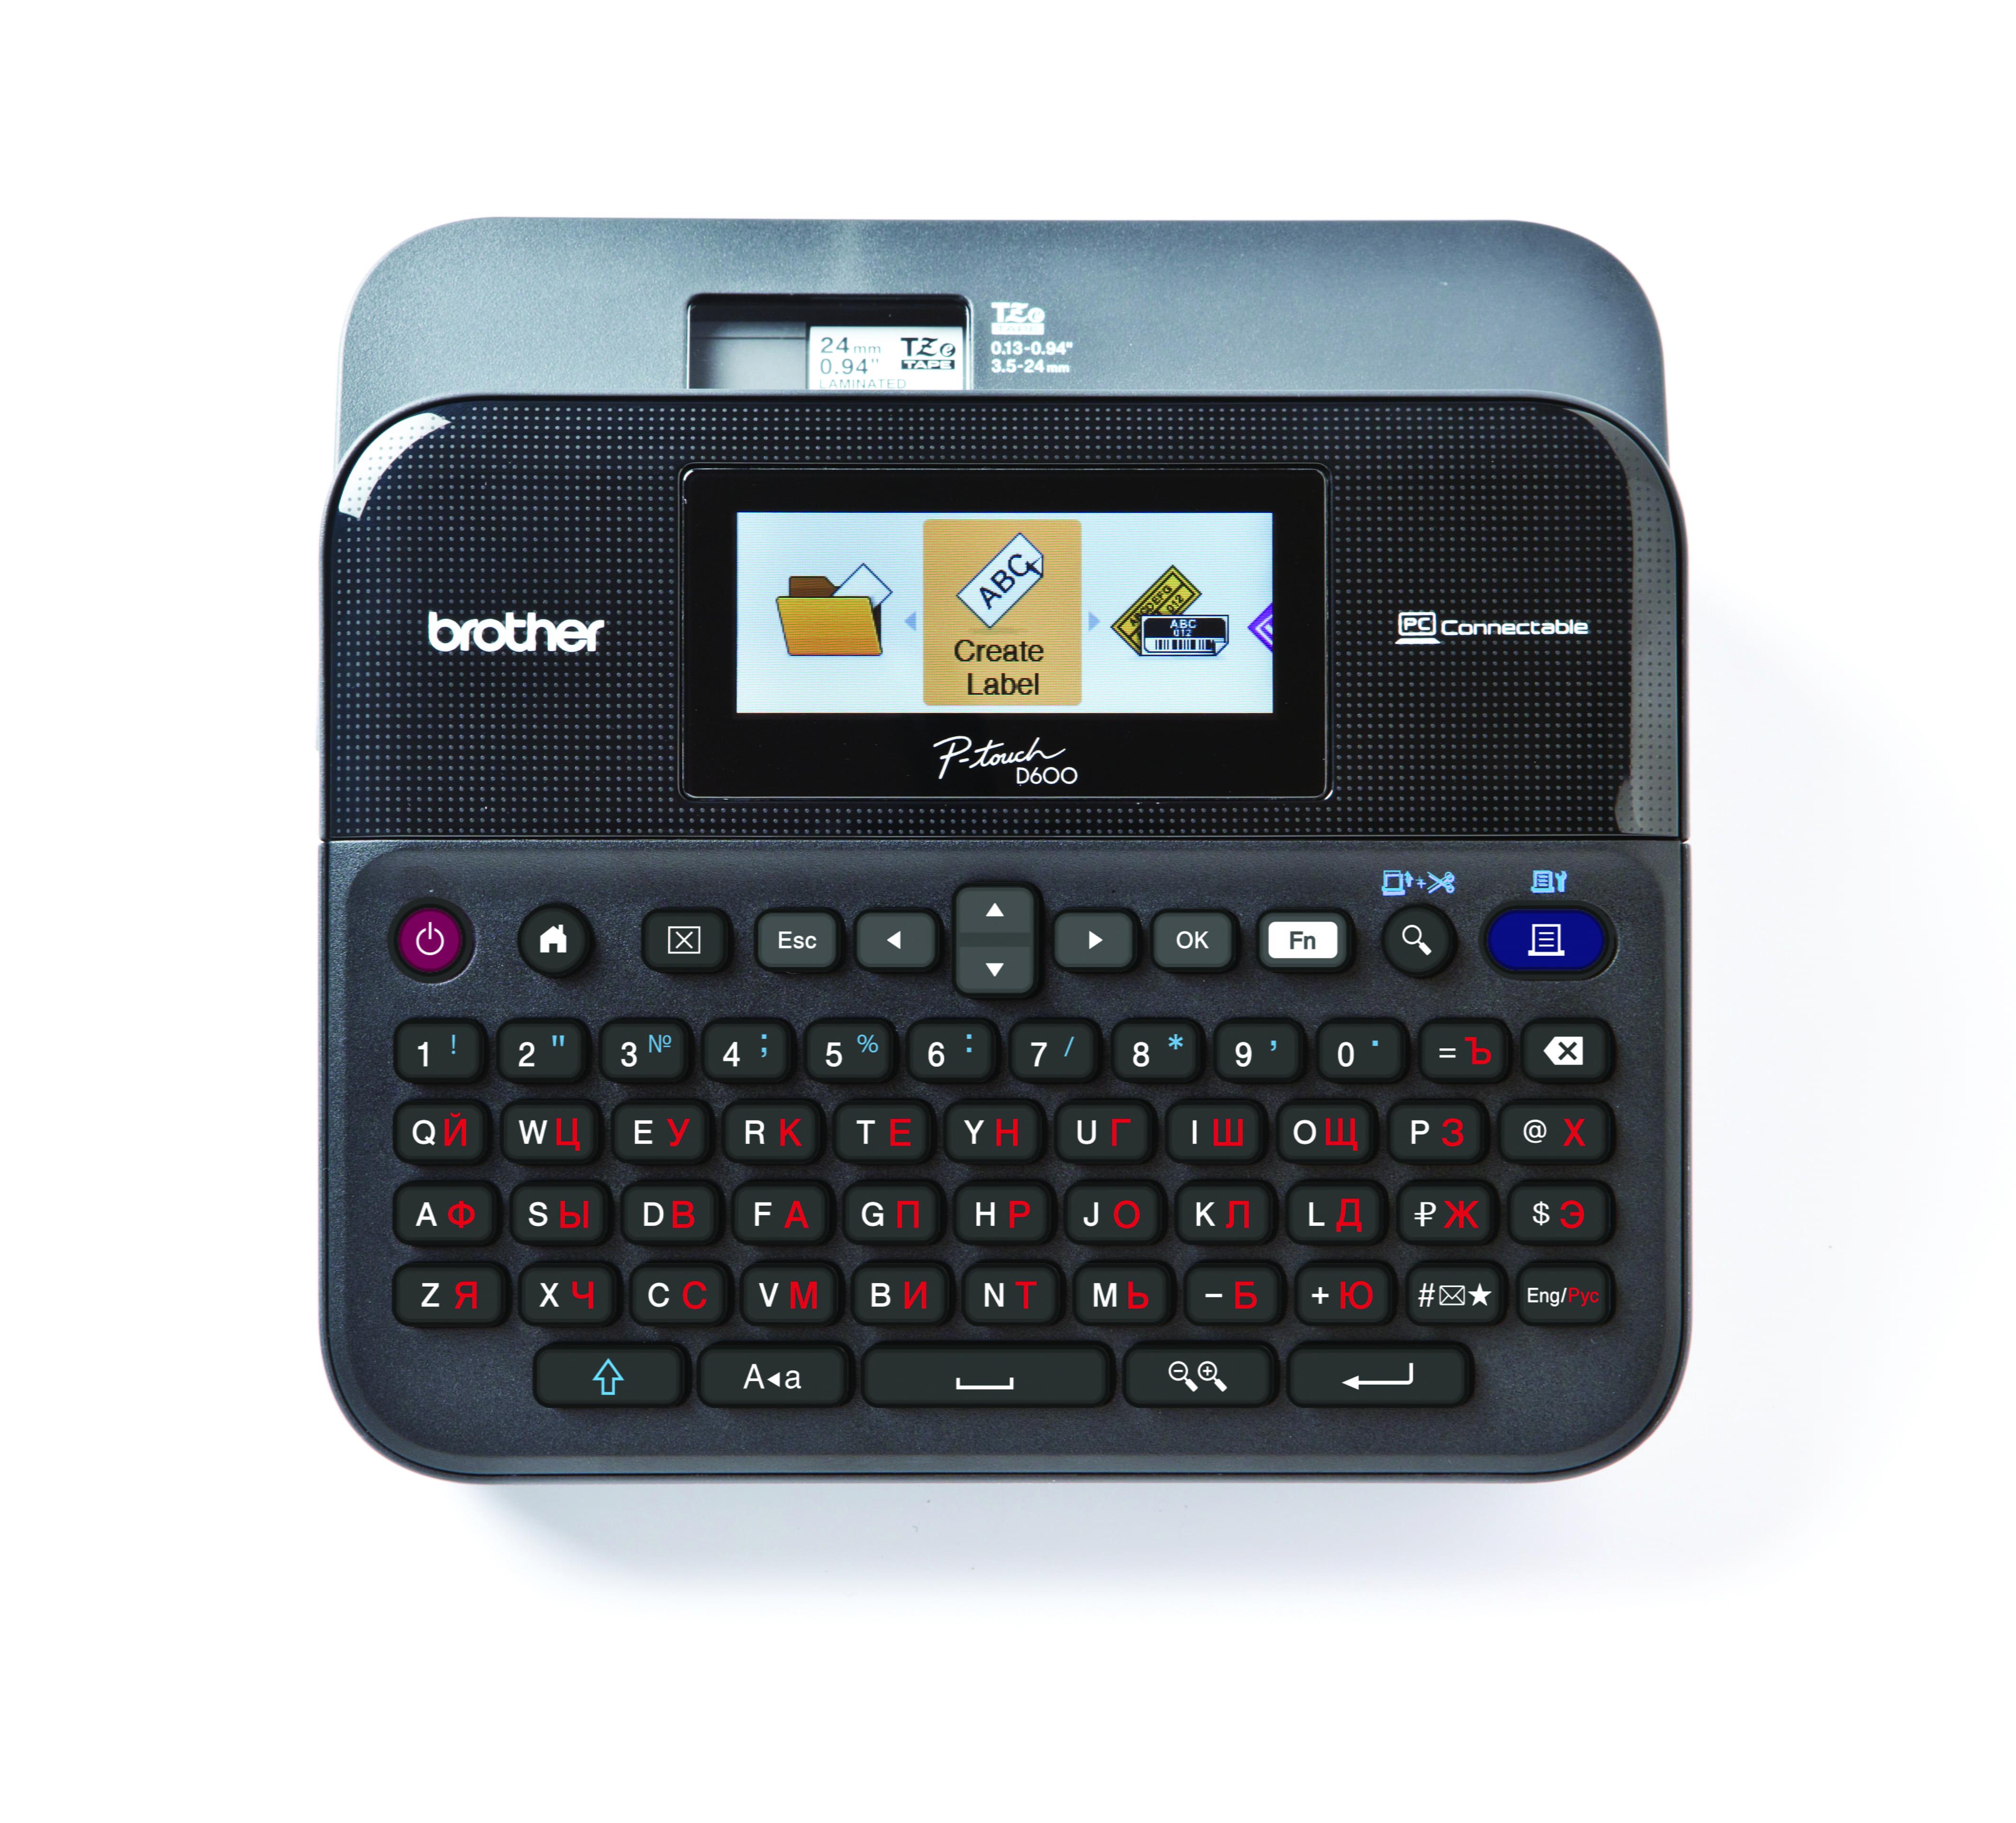 Принтер для создания наклеек PT-D600